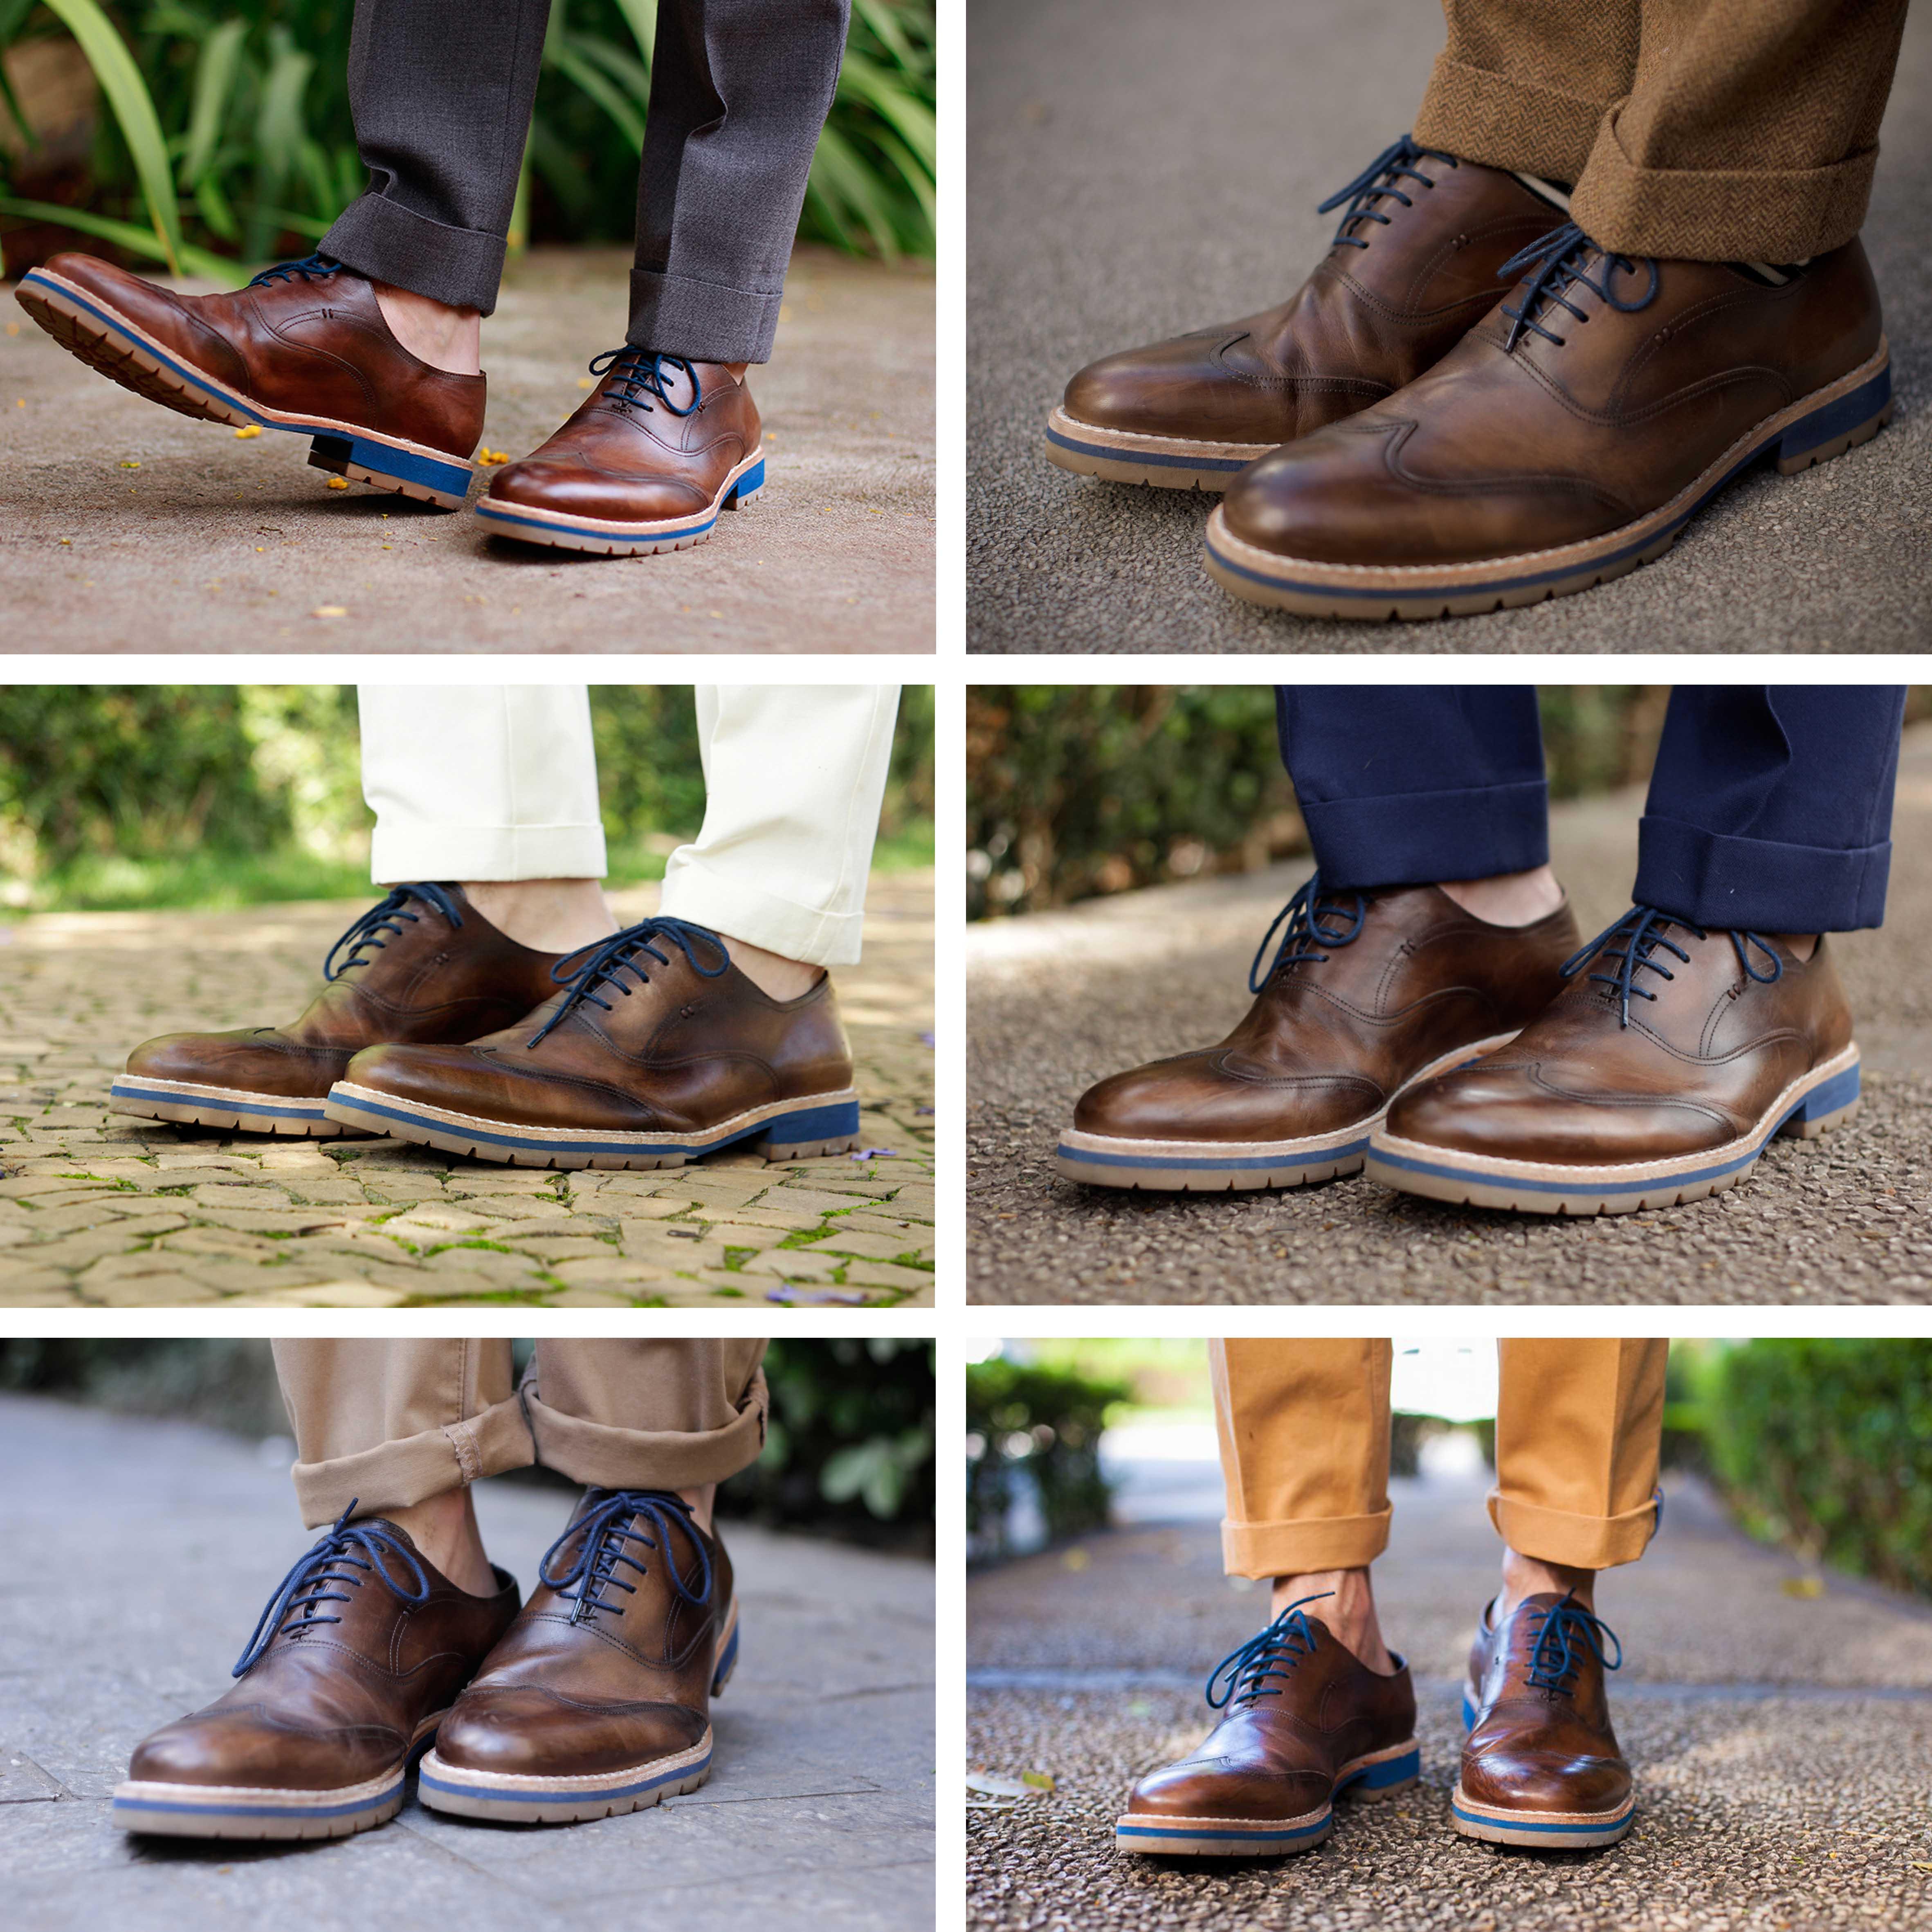 """dfd06b3e551 ... jeans e chinos podem ser dobrados livremente para """"acompanhar"""" a  ocasião e o tipo de sapato usado. Na dúvida"""